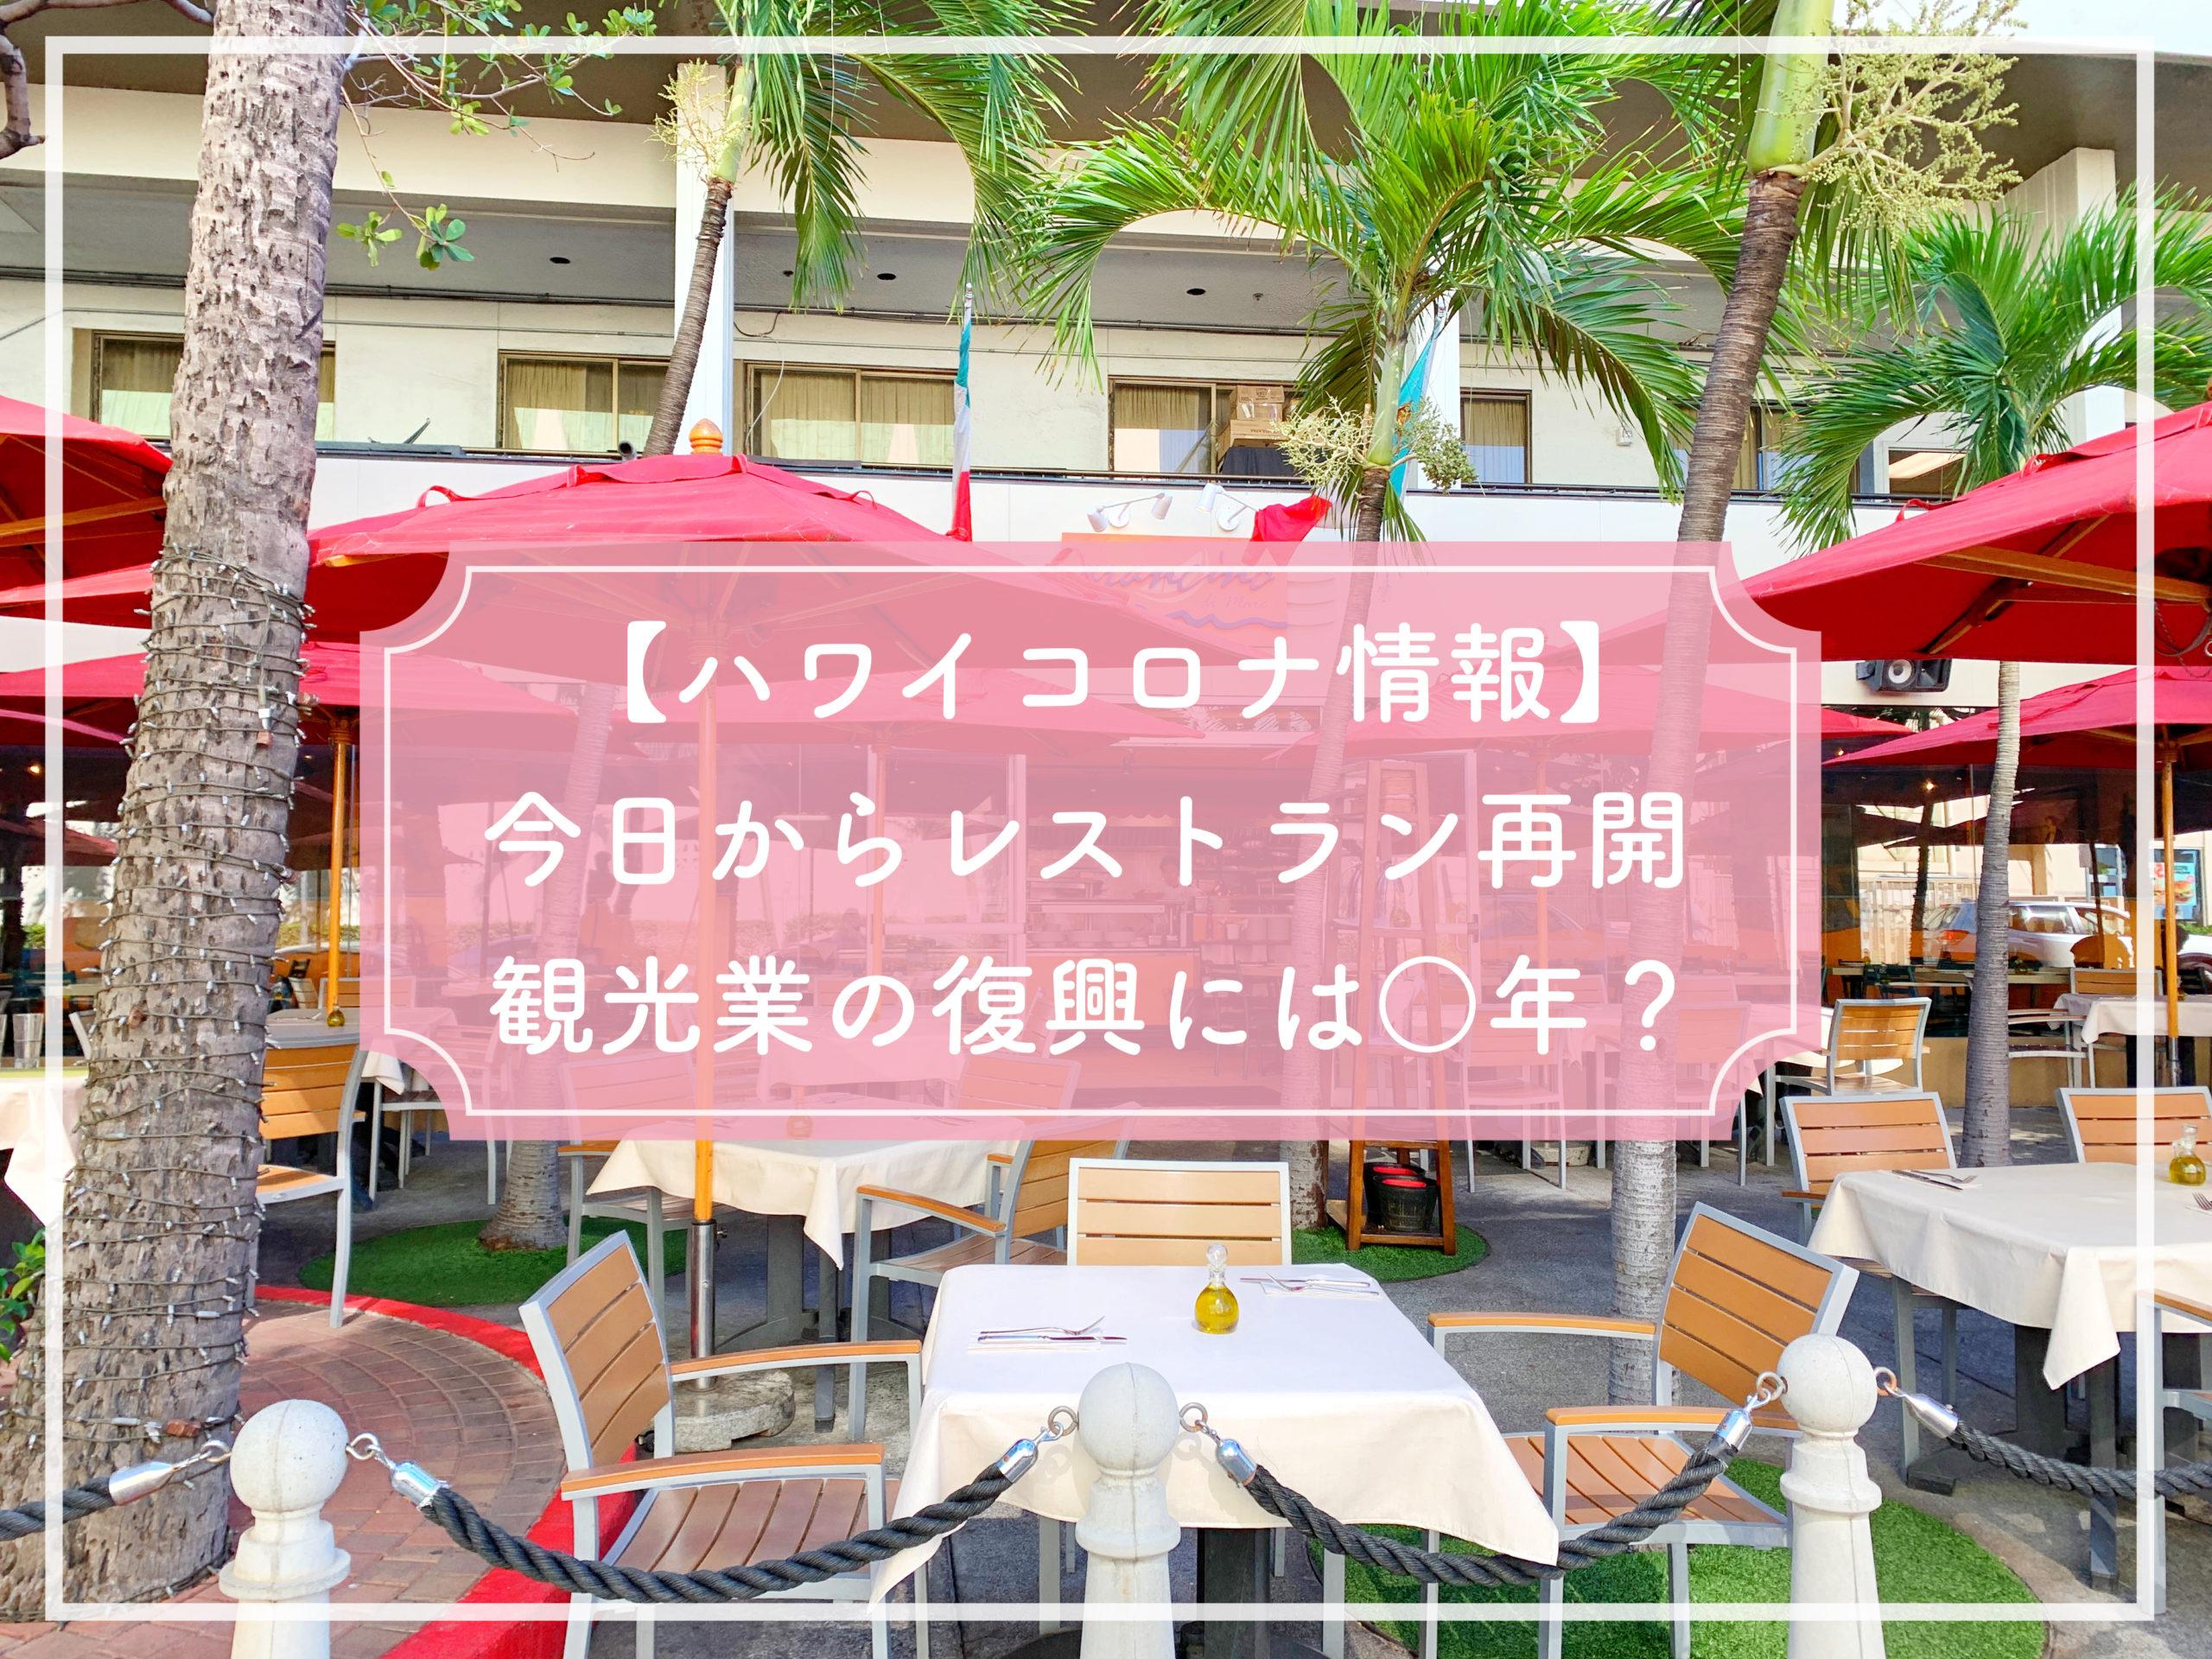 【ハワイコロナ情報】今日からレストラン再開 観光業の復興には○年?